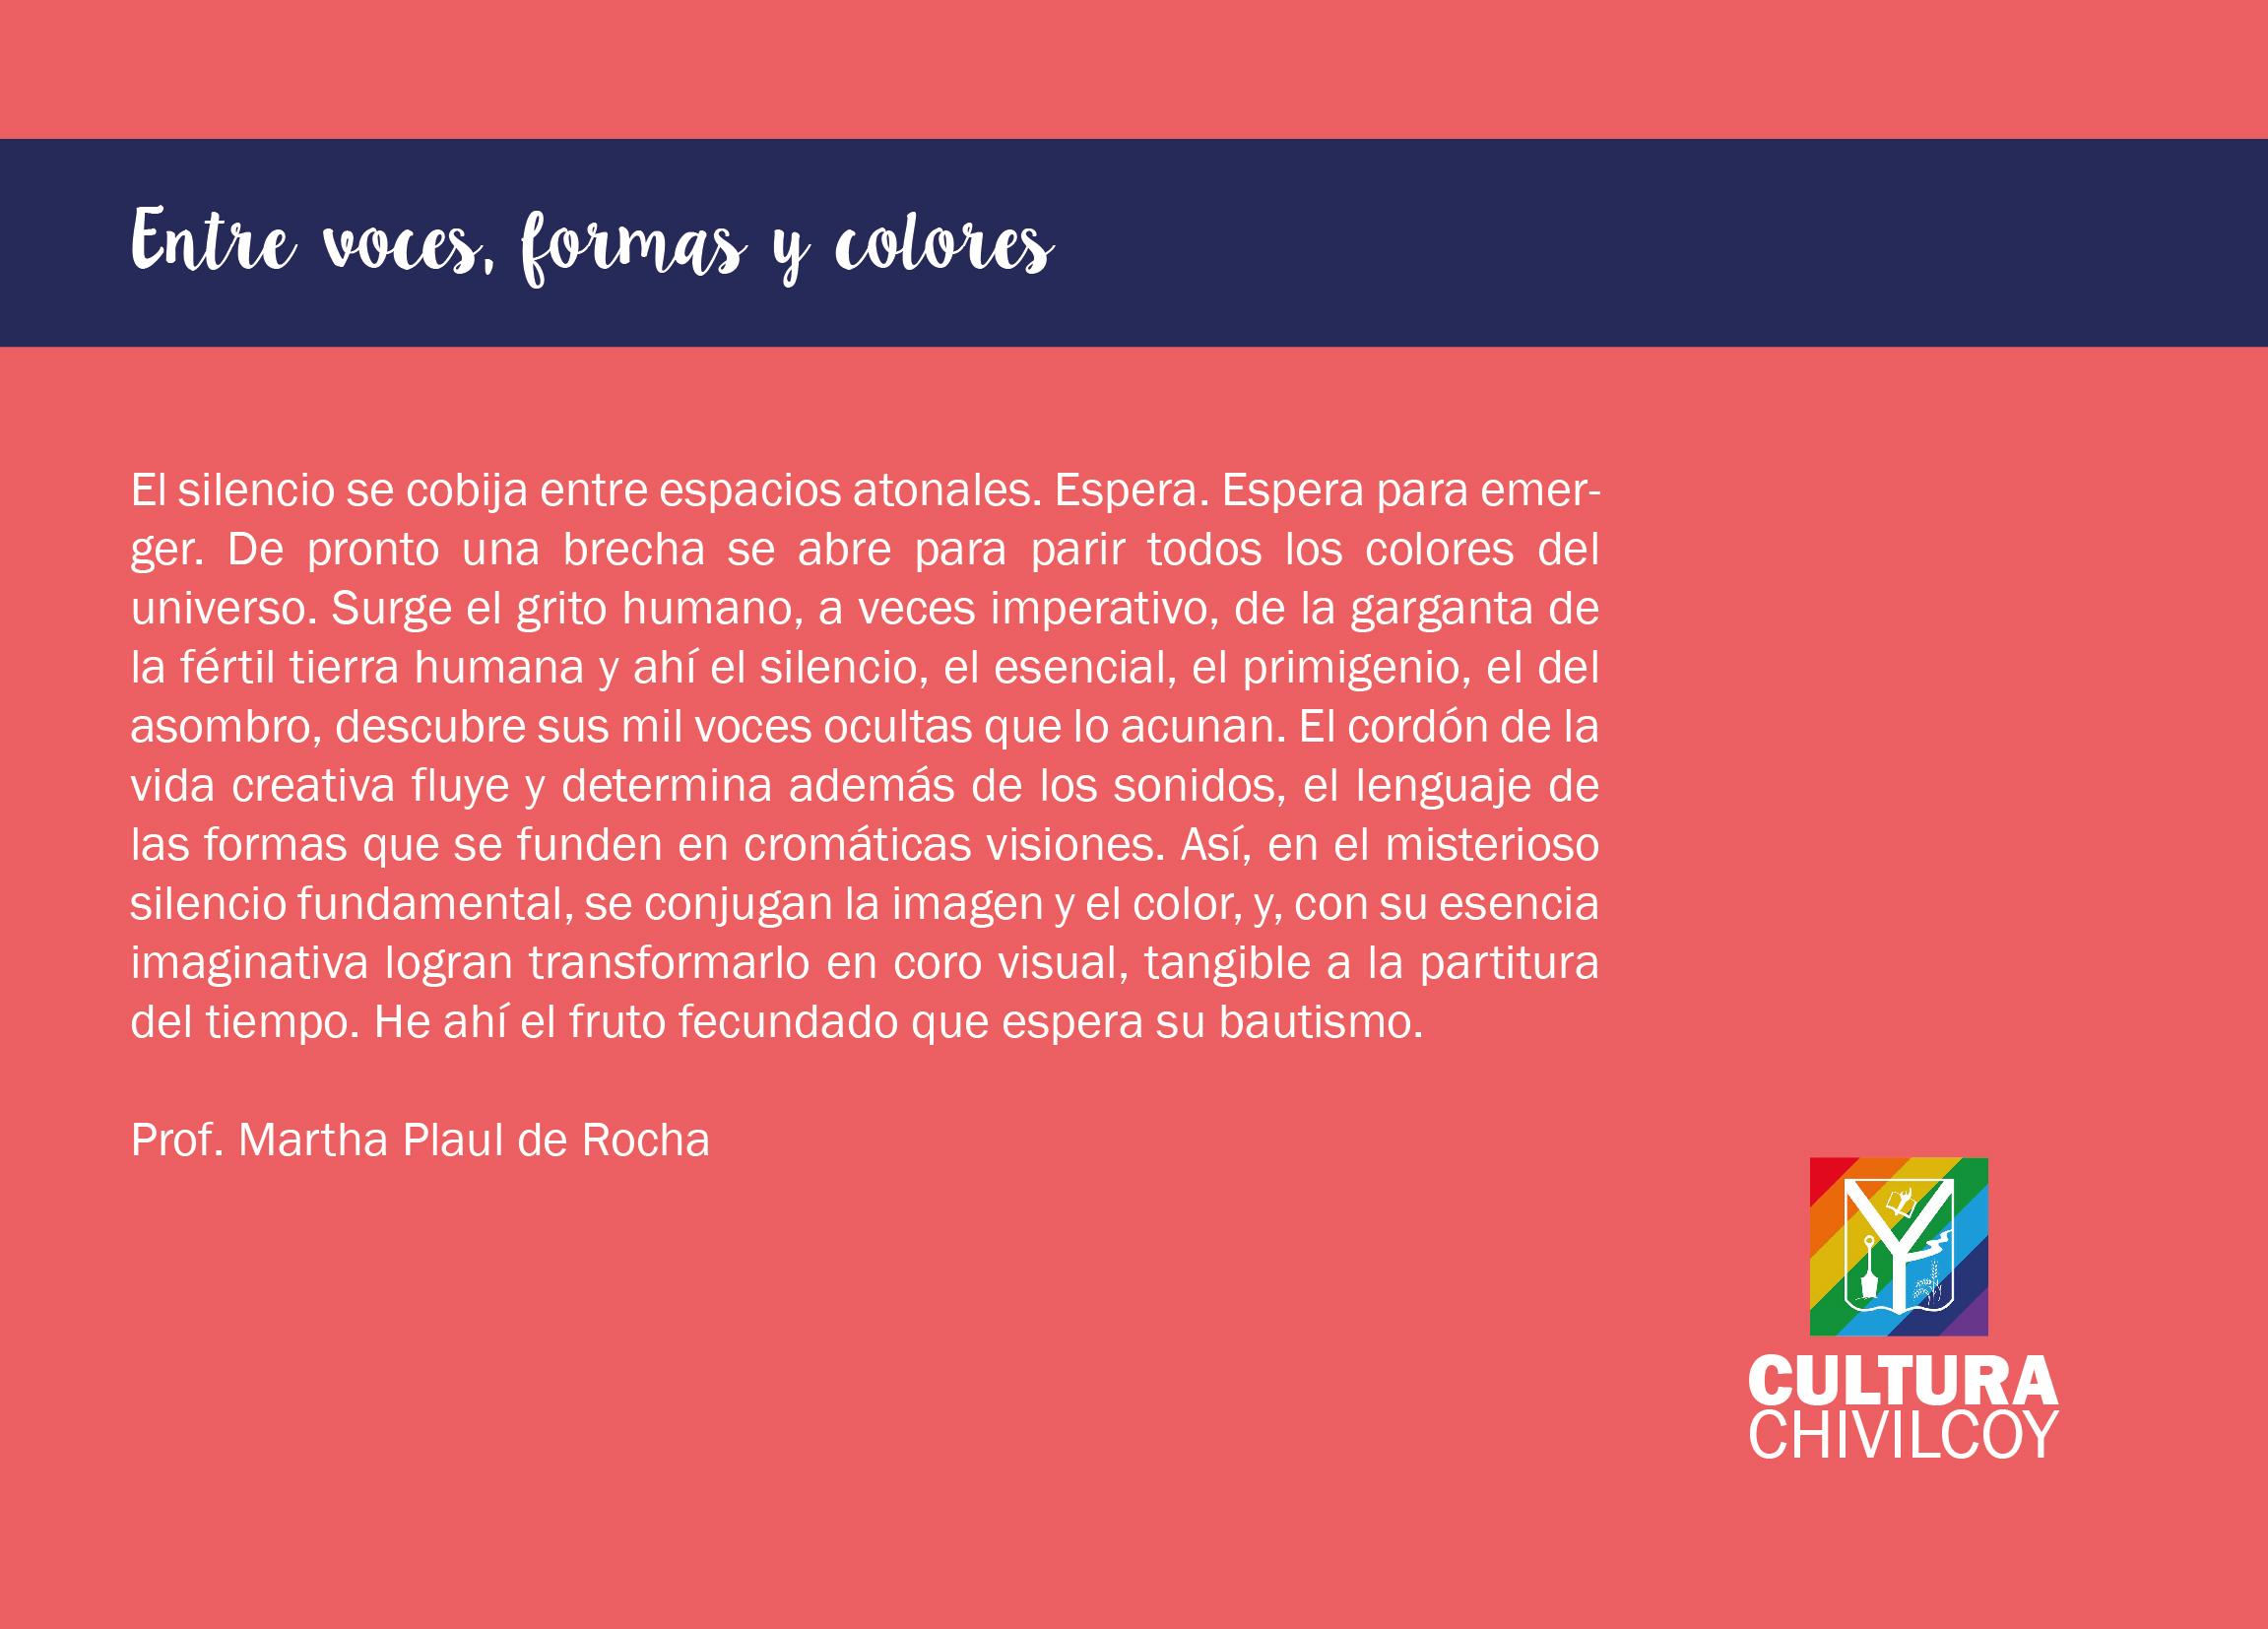 Noticias_chivilcoy_mirtaEntre voces, formas y colores.redes2-01